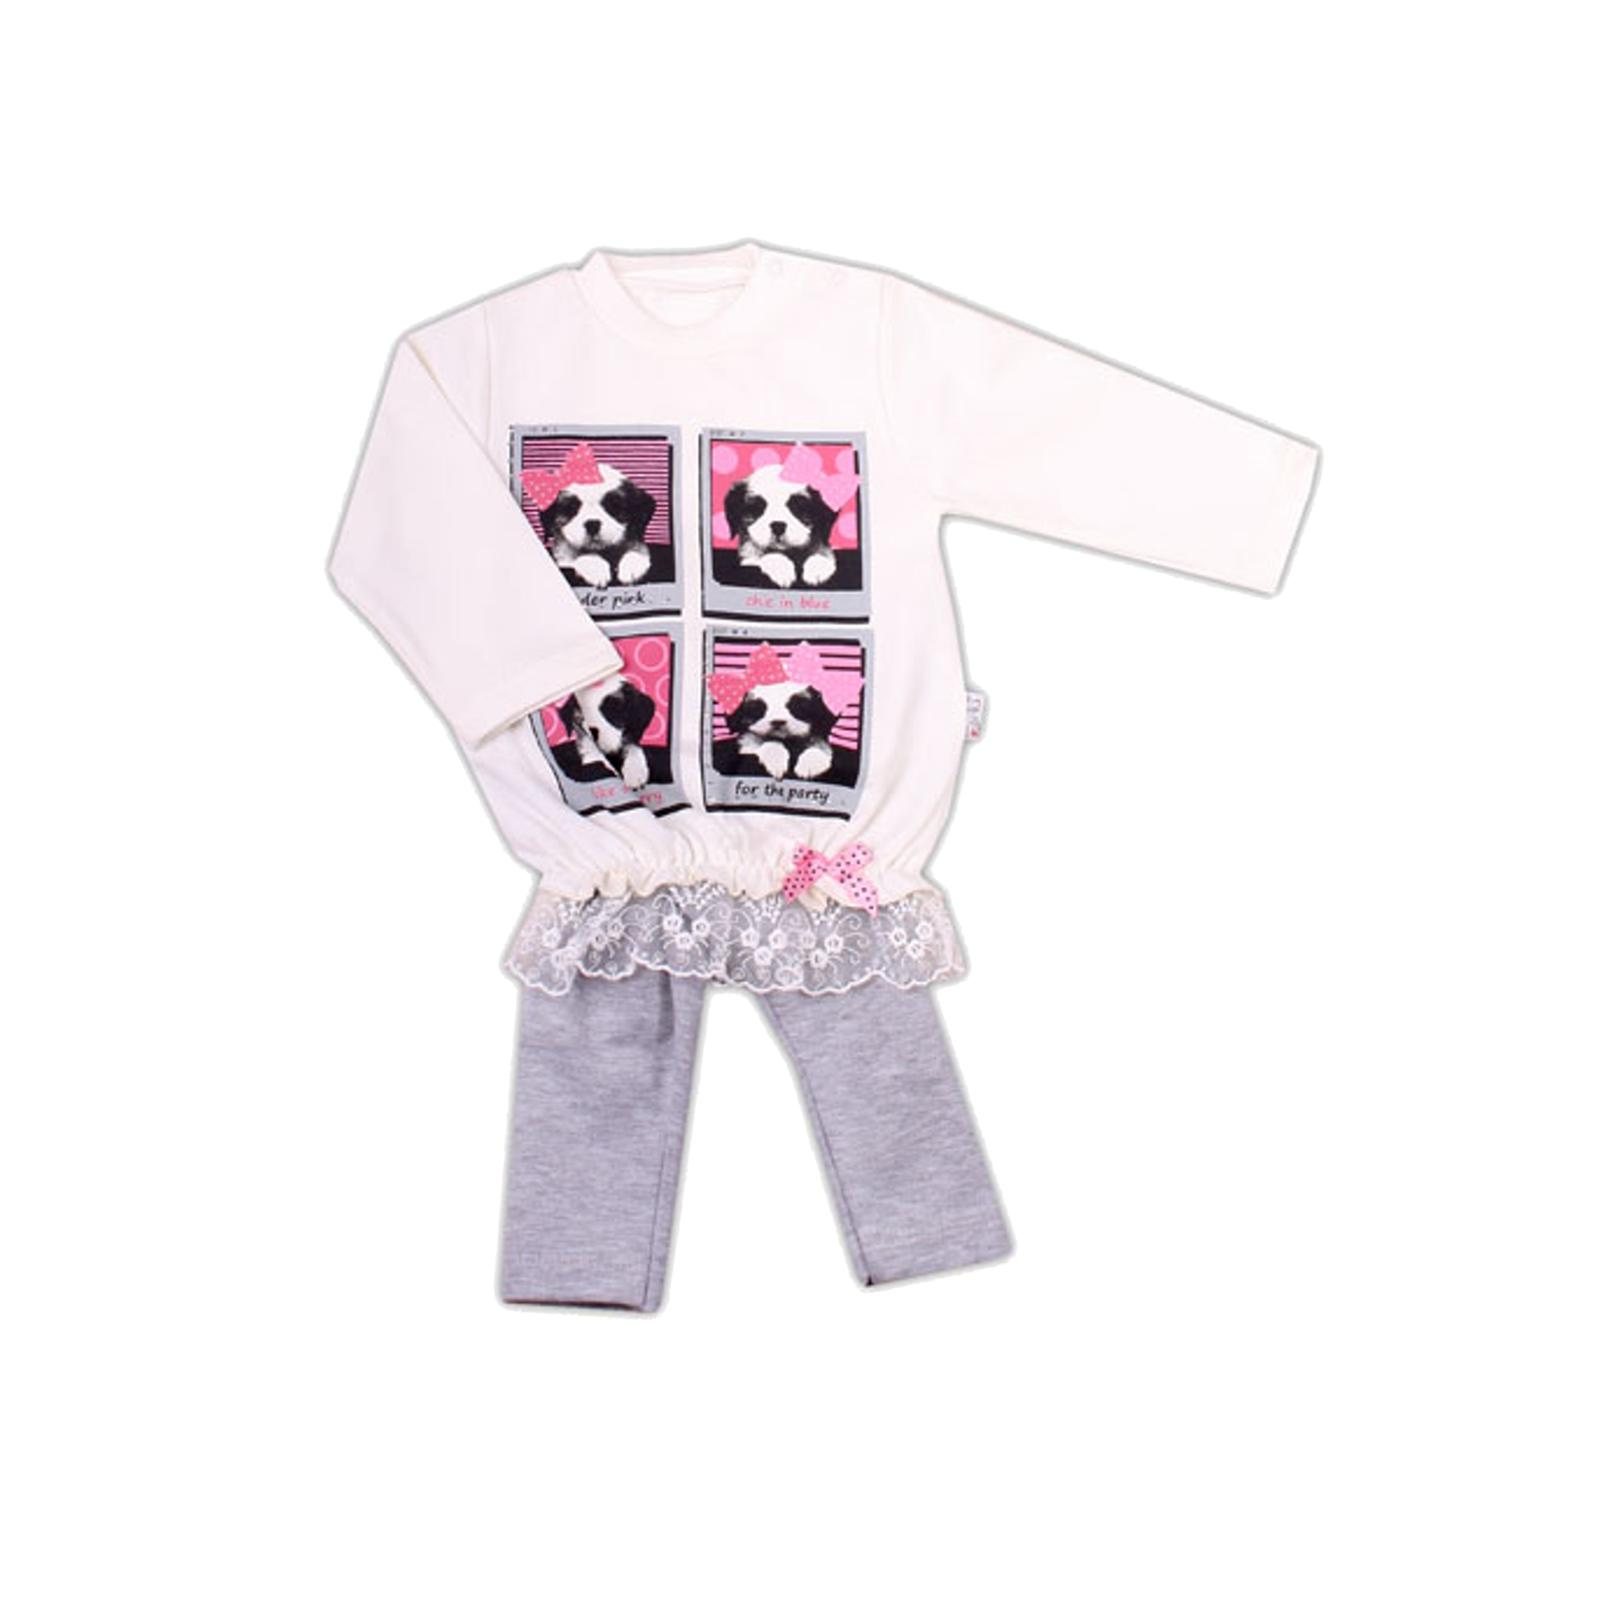 Комплект одежды Estella для девочки, брюки, туника, цвет - Экрю/серый Размер 80